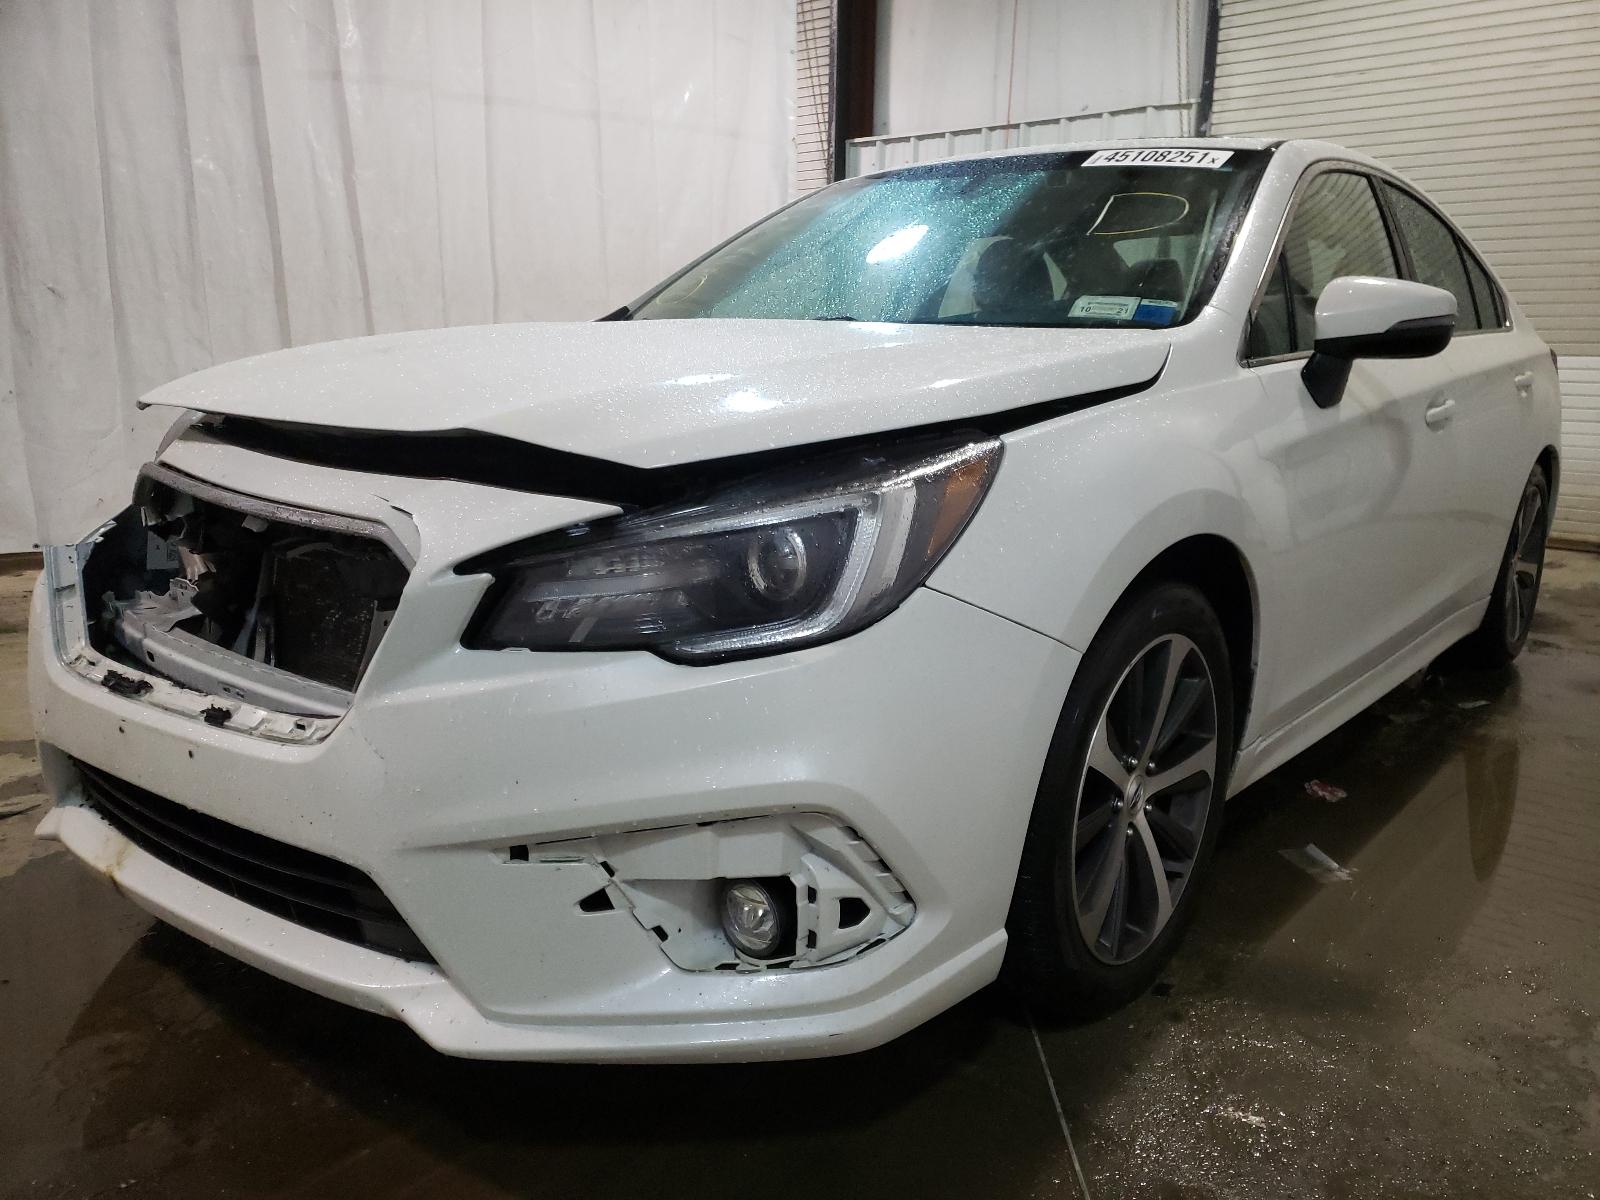 Subaru Legacy 2.5 2018 VIN 4S3BNAN6XJ3008930